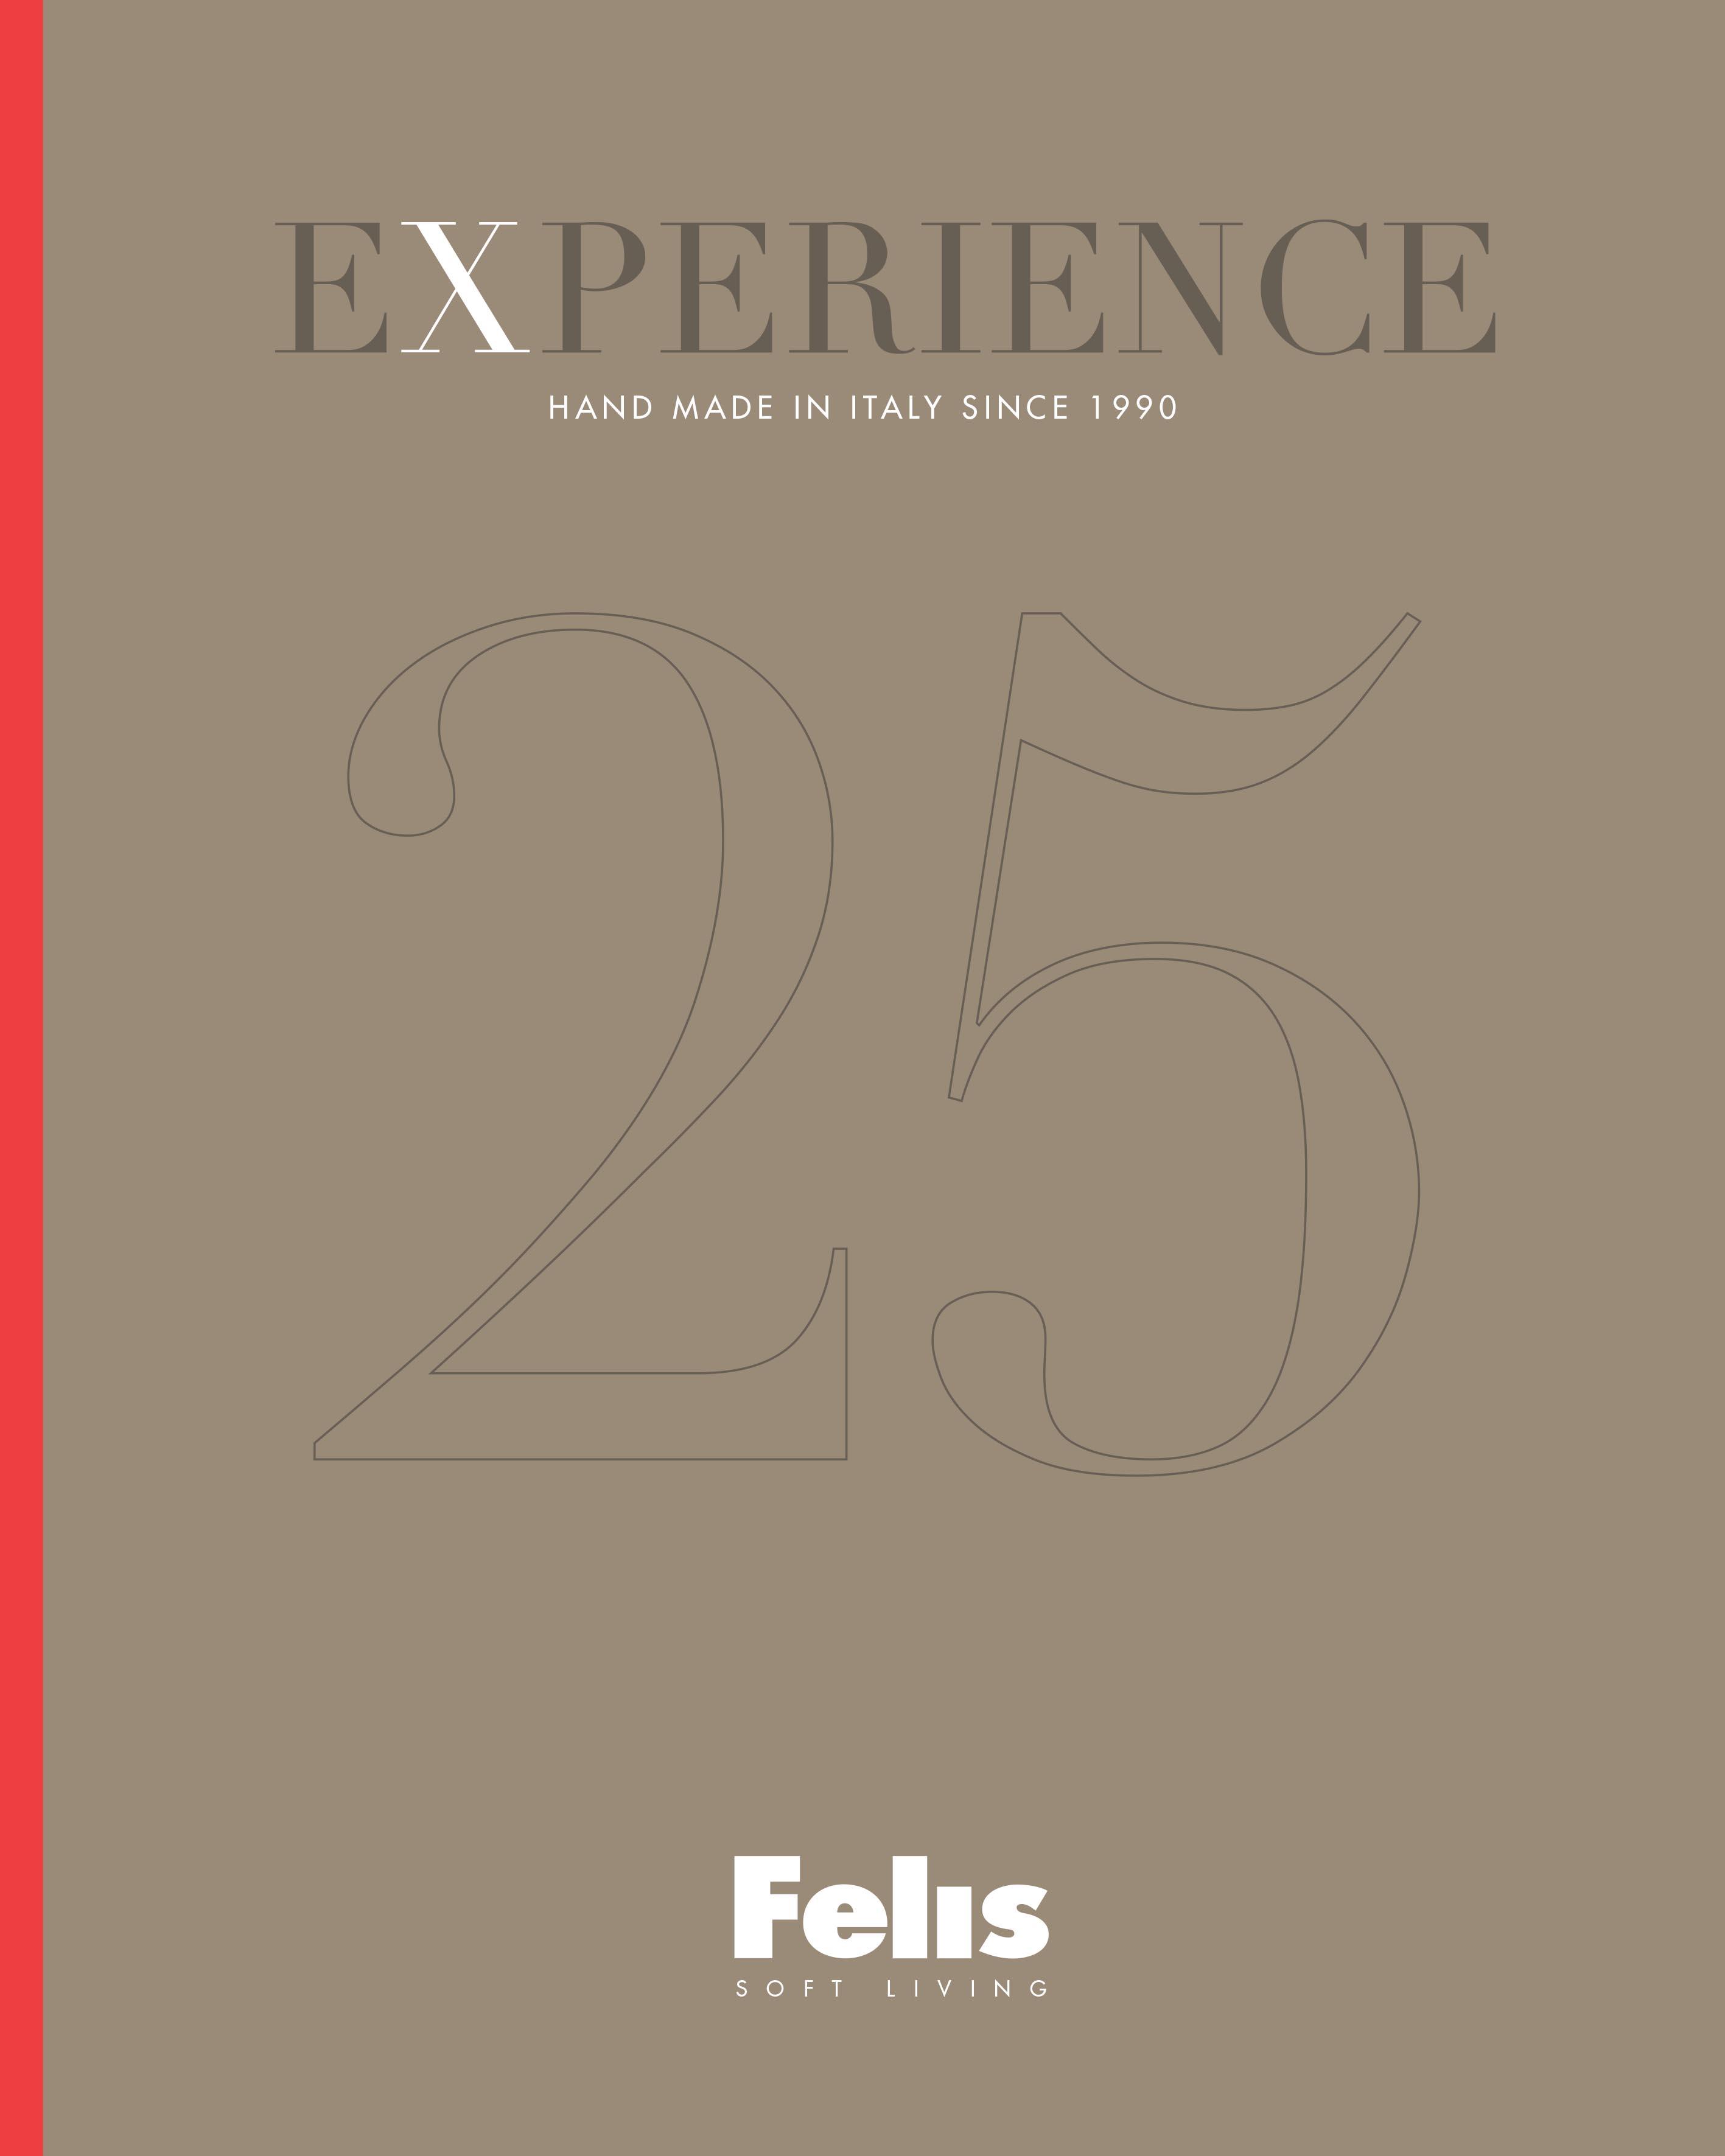 Catalogo - Experience Felis